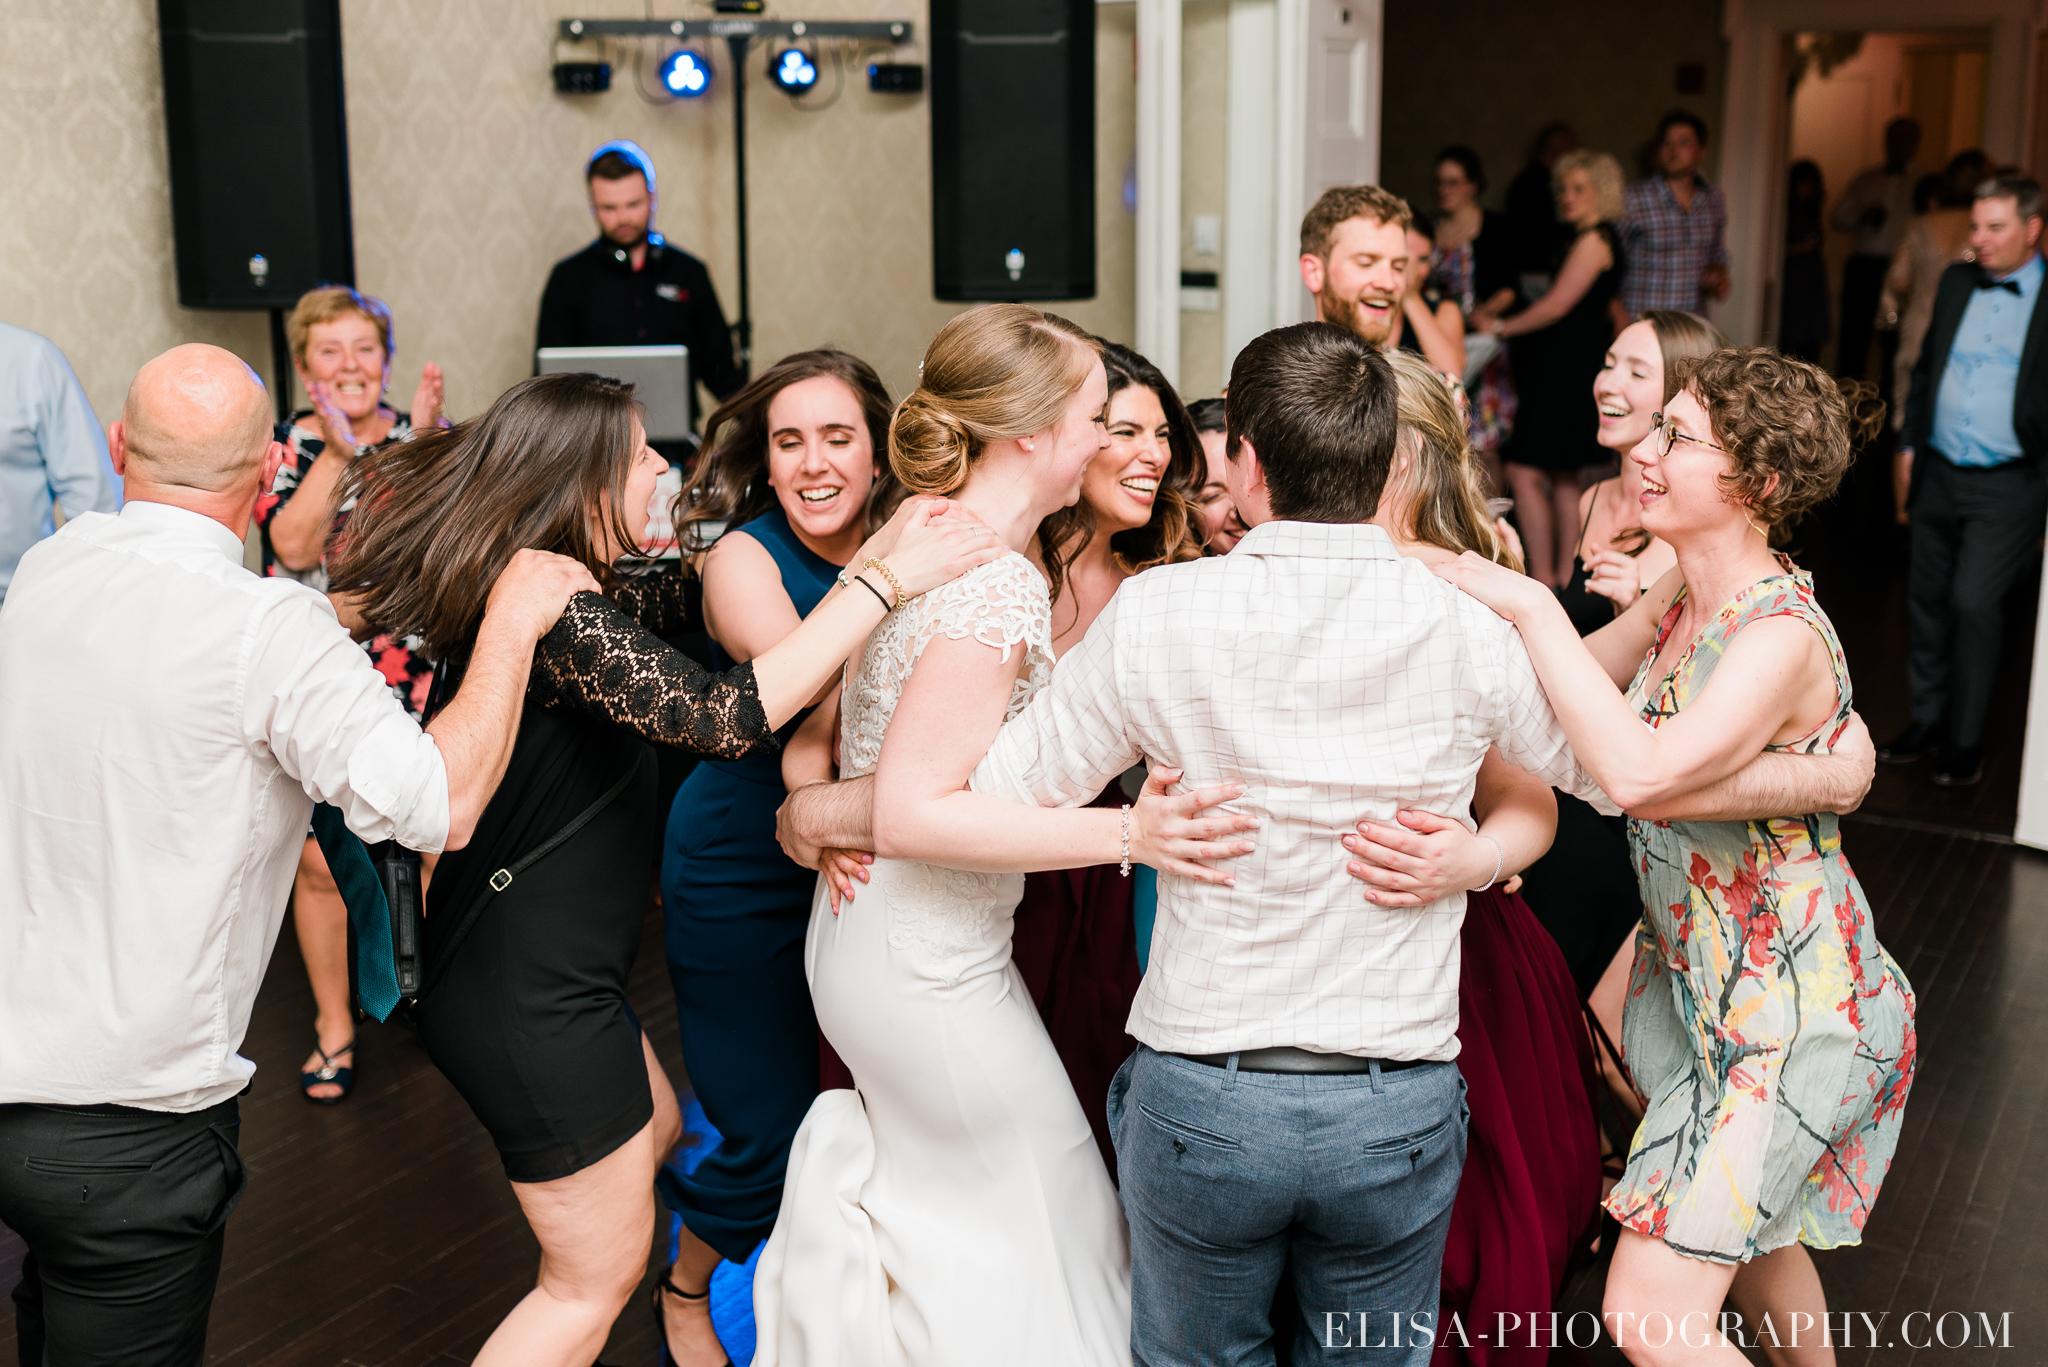 photo mariage reception danse domaine cataraqui centres de table elisa photographe 1625 - Mariage élégant et discret au coeur du magnifique Domaine Cataraqui, Québec